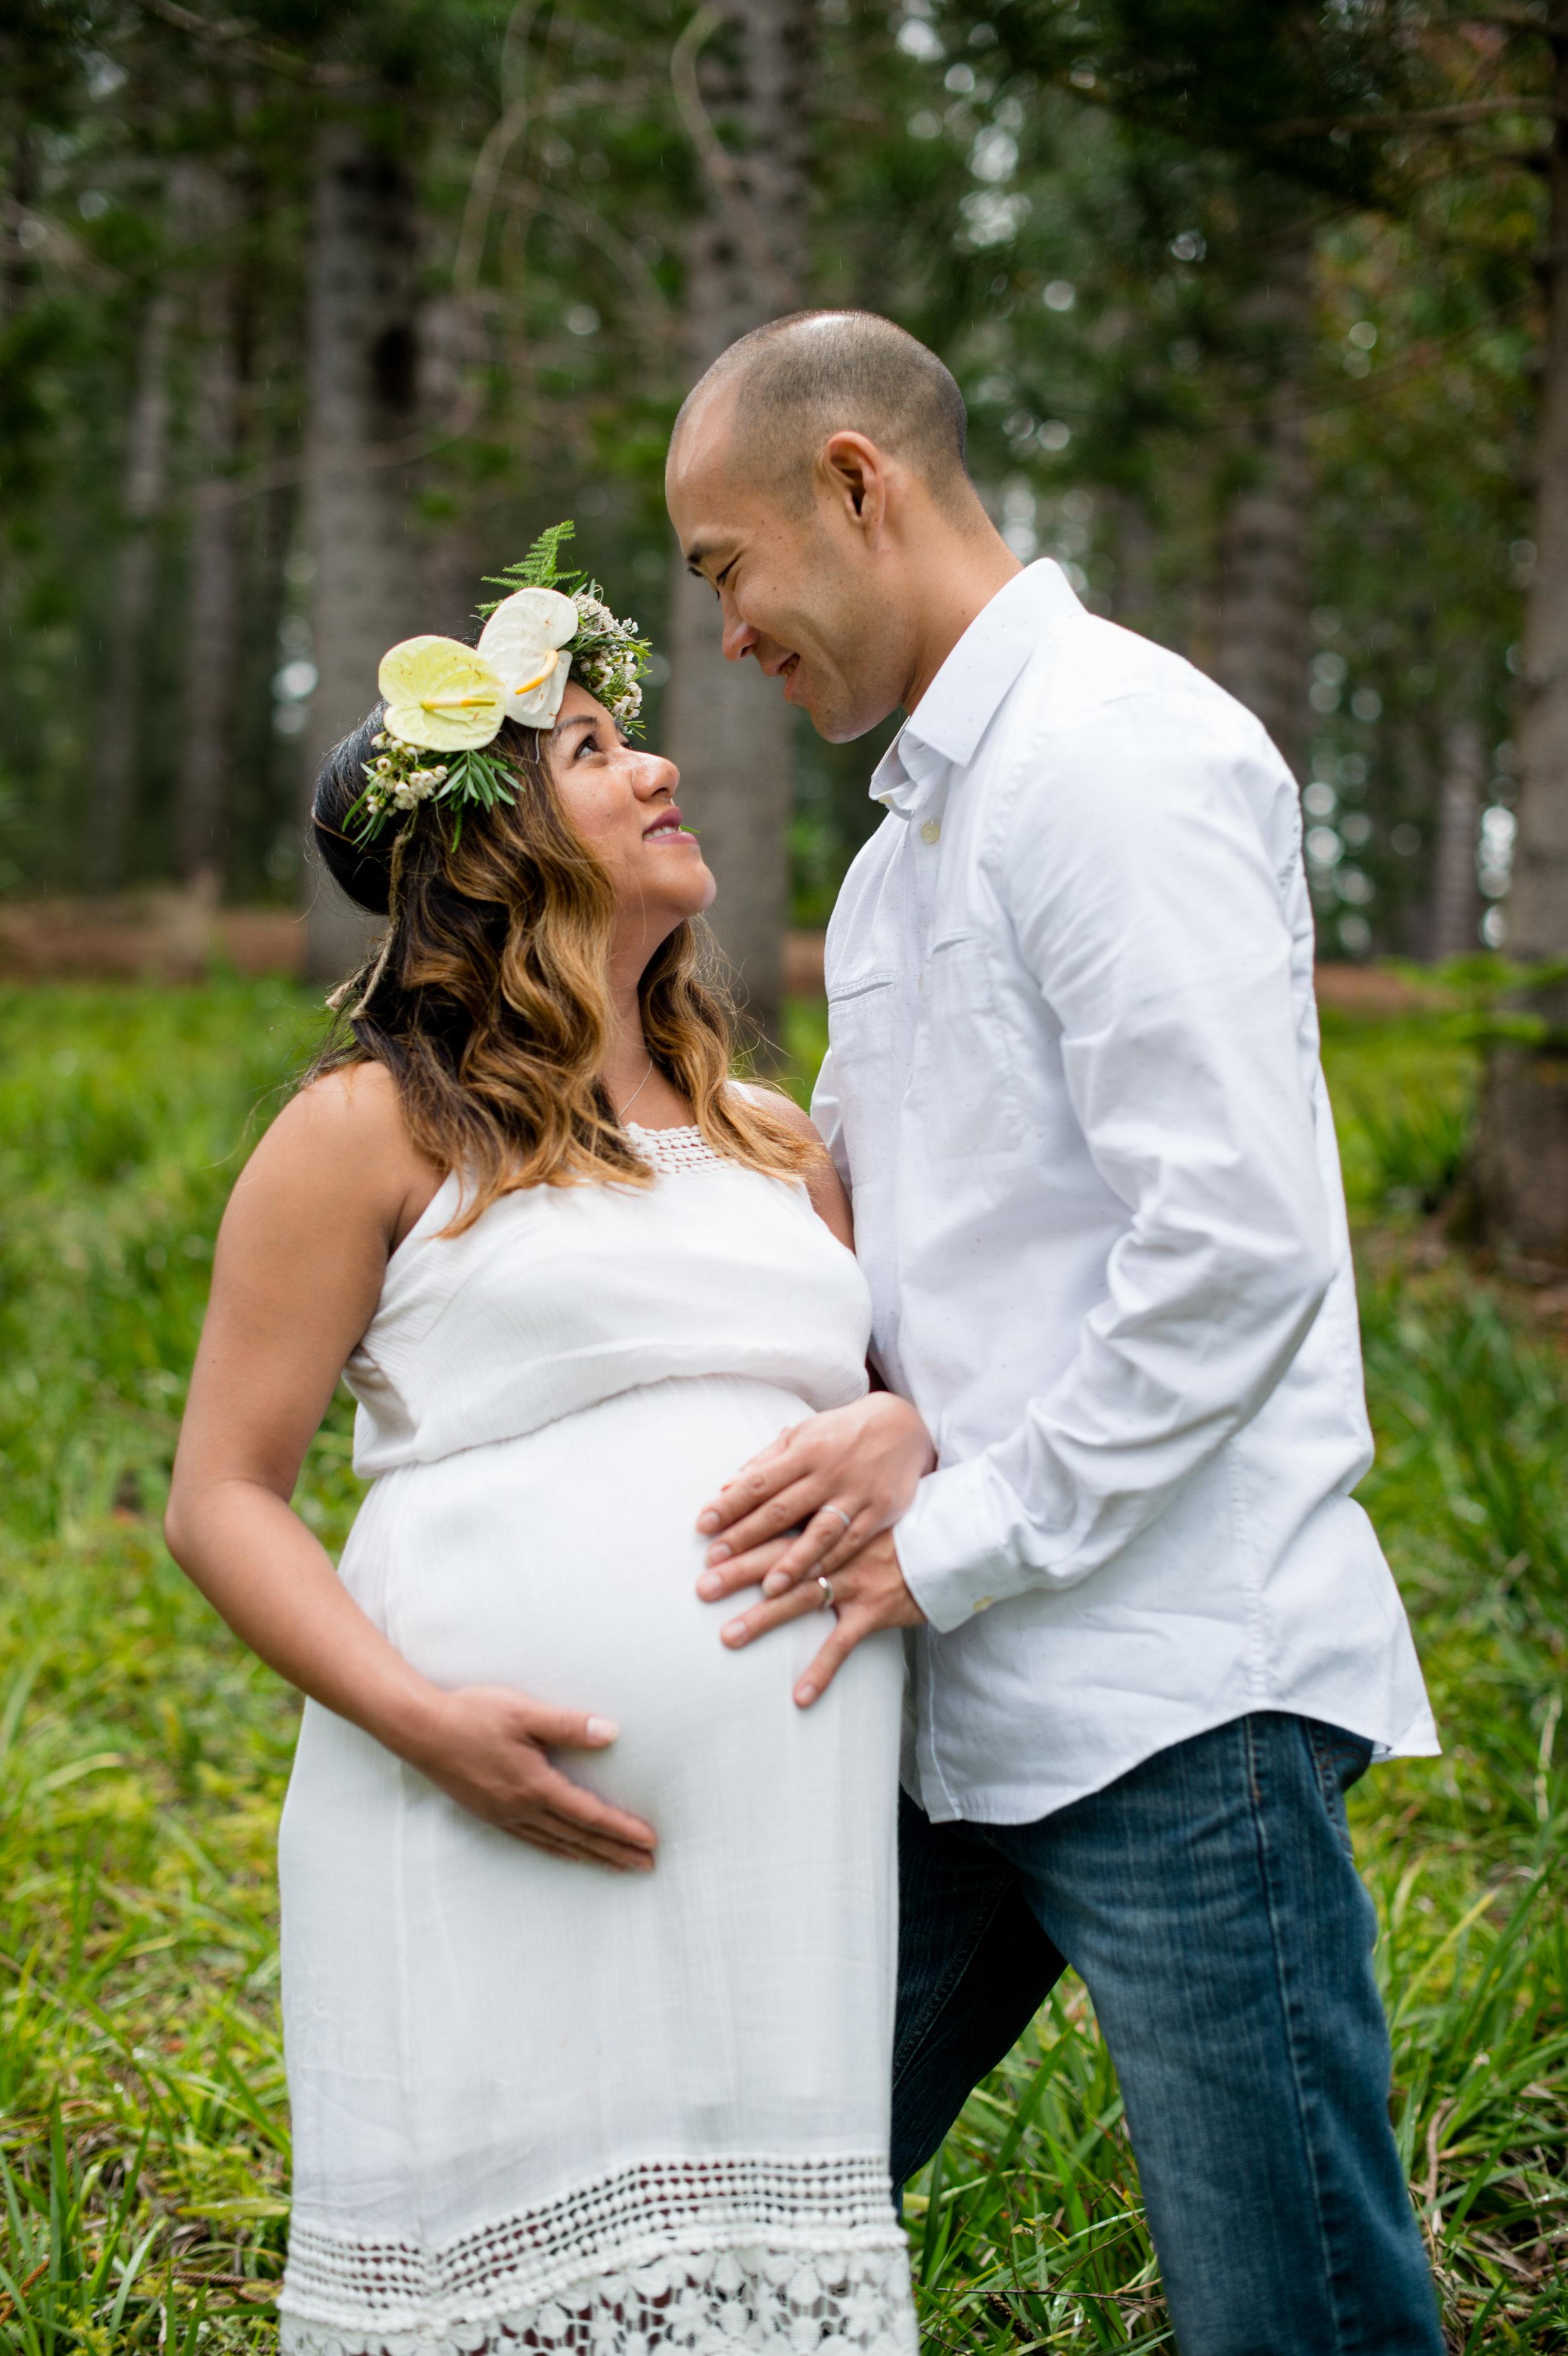 18-0512 Ashley Rivera Maternity (45 of 46).jpg